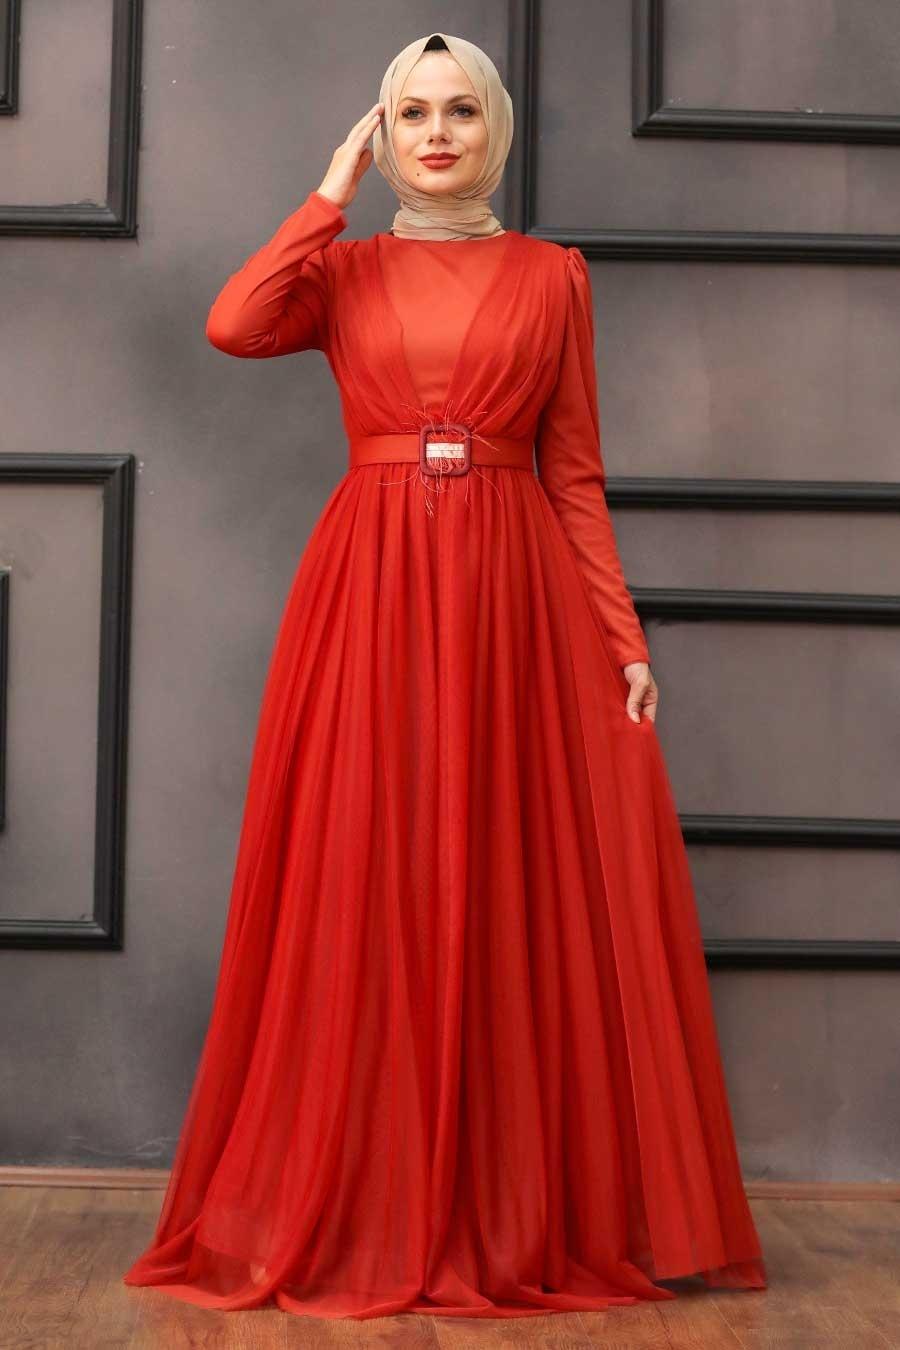 Tesettürlü Abiye Elbise - Tüy Detaylı Turuncu Tesettür Abiye Elbise 23341T